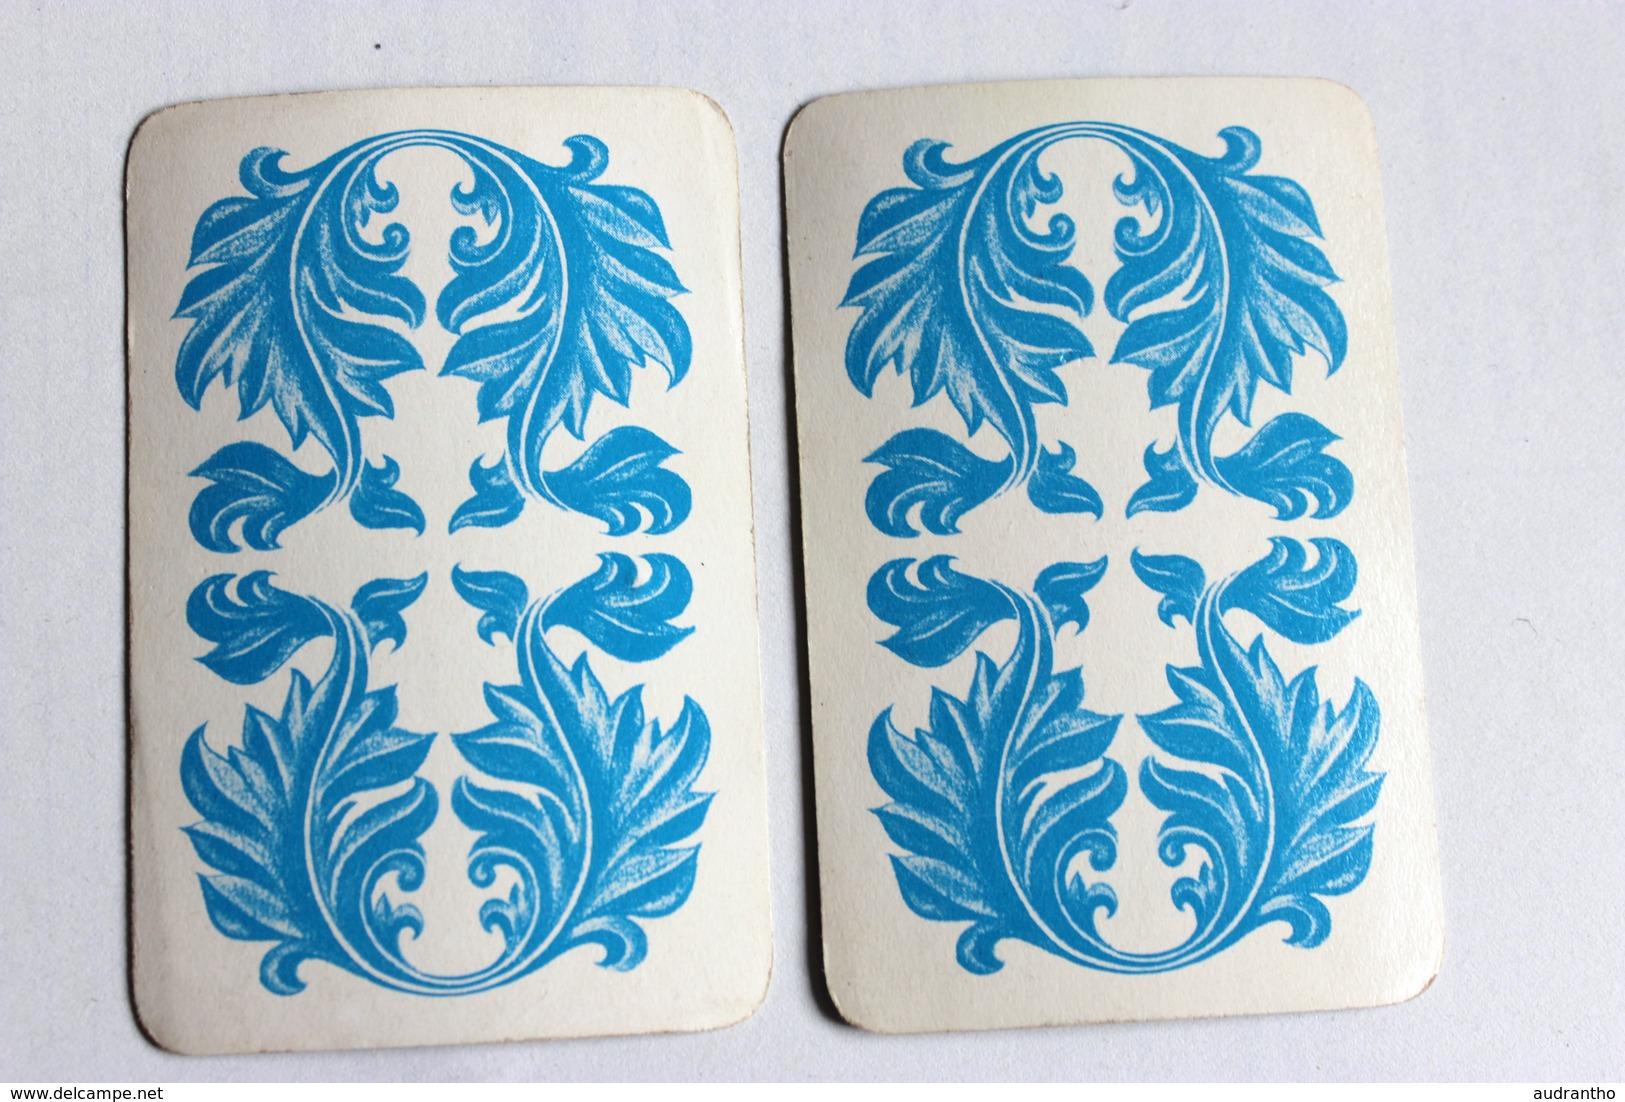 2 Cartes à Jouer érotique Vintage Dame Pin Up Nue - Cartes à Jouer